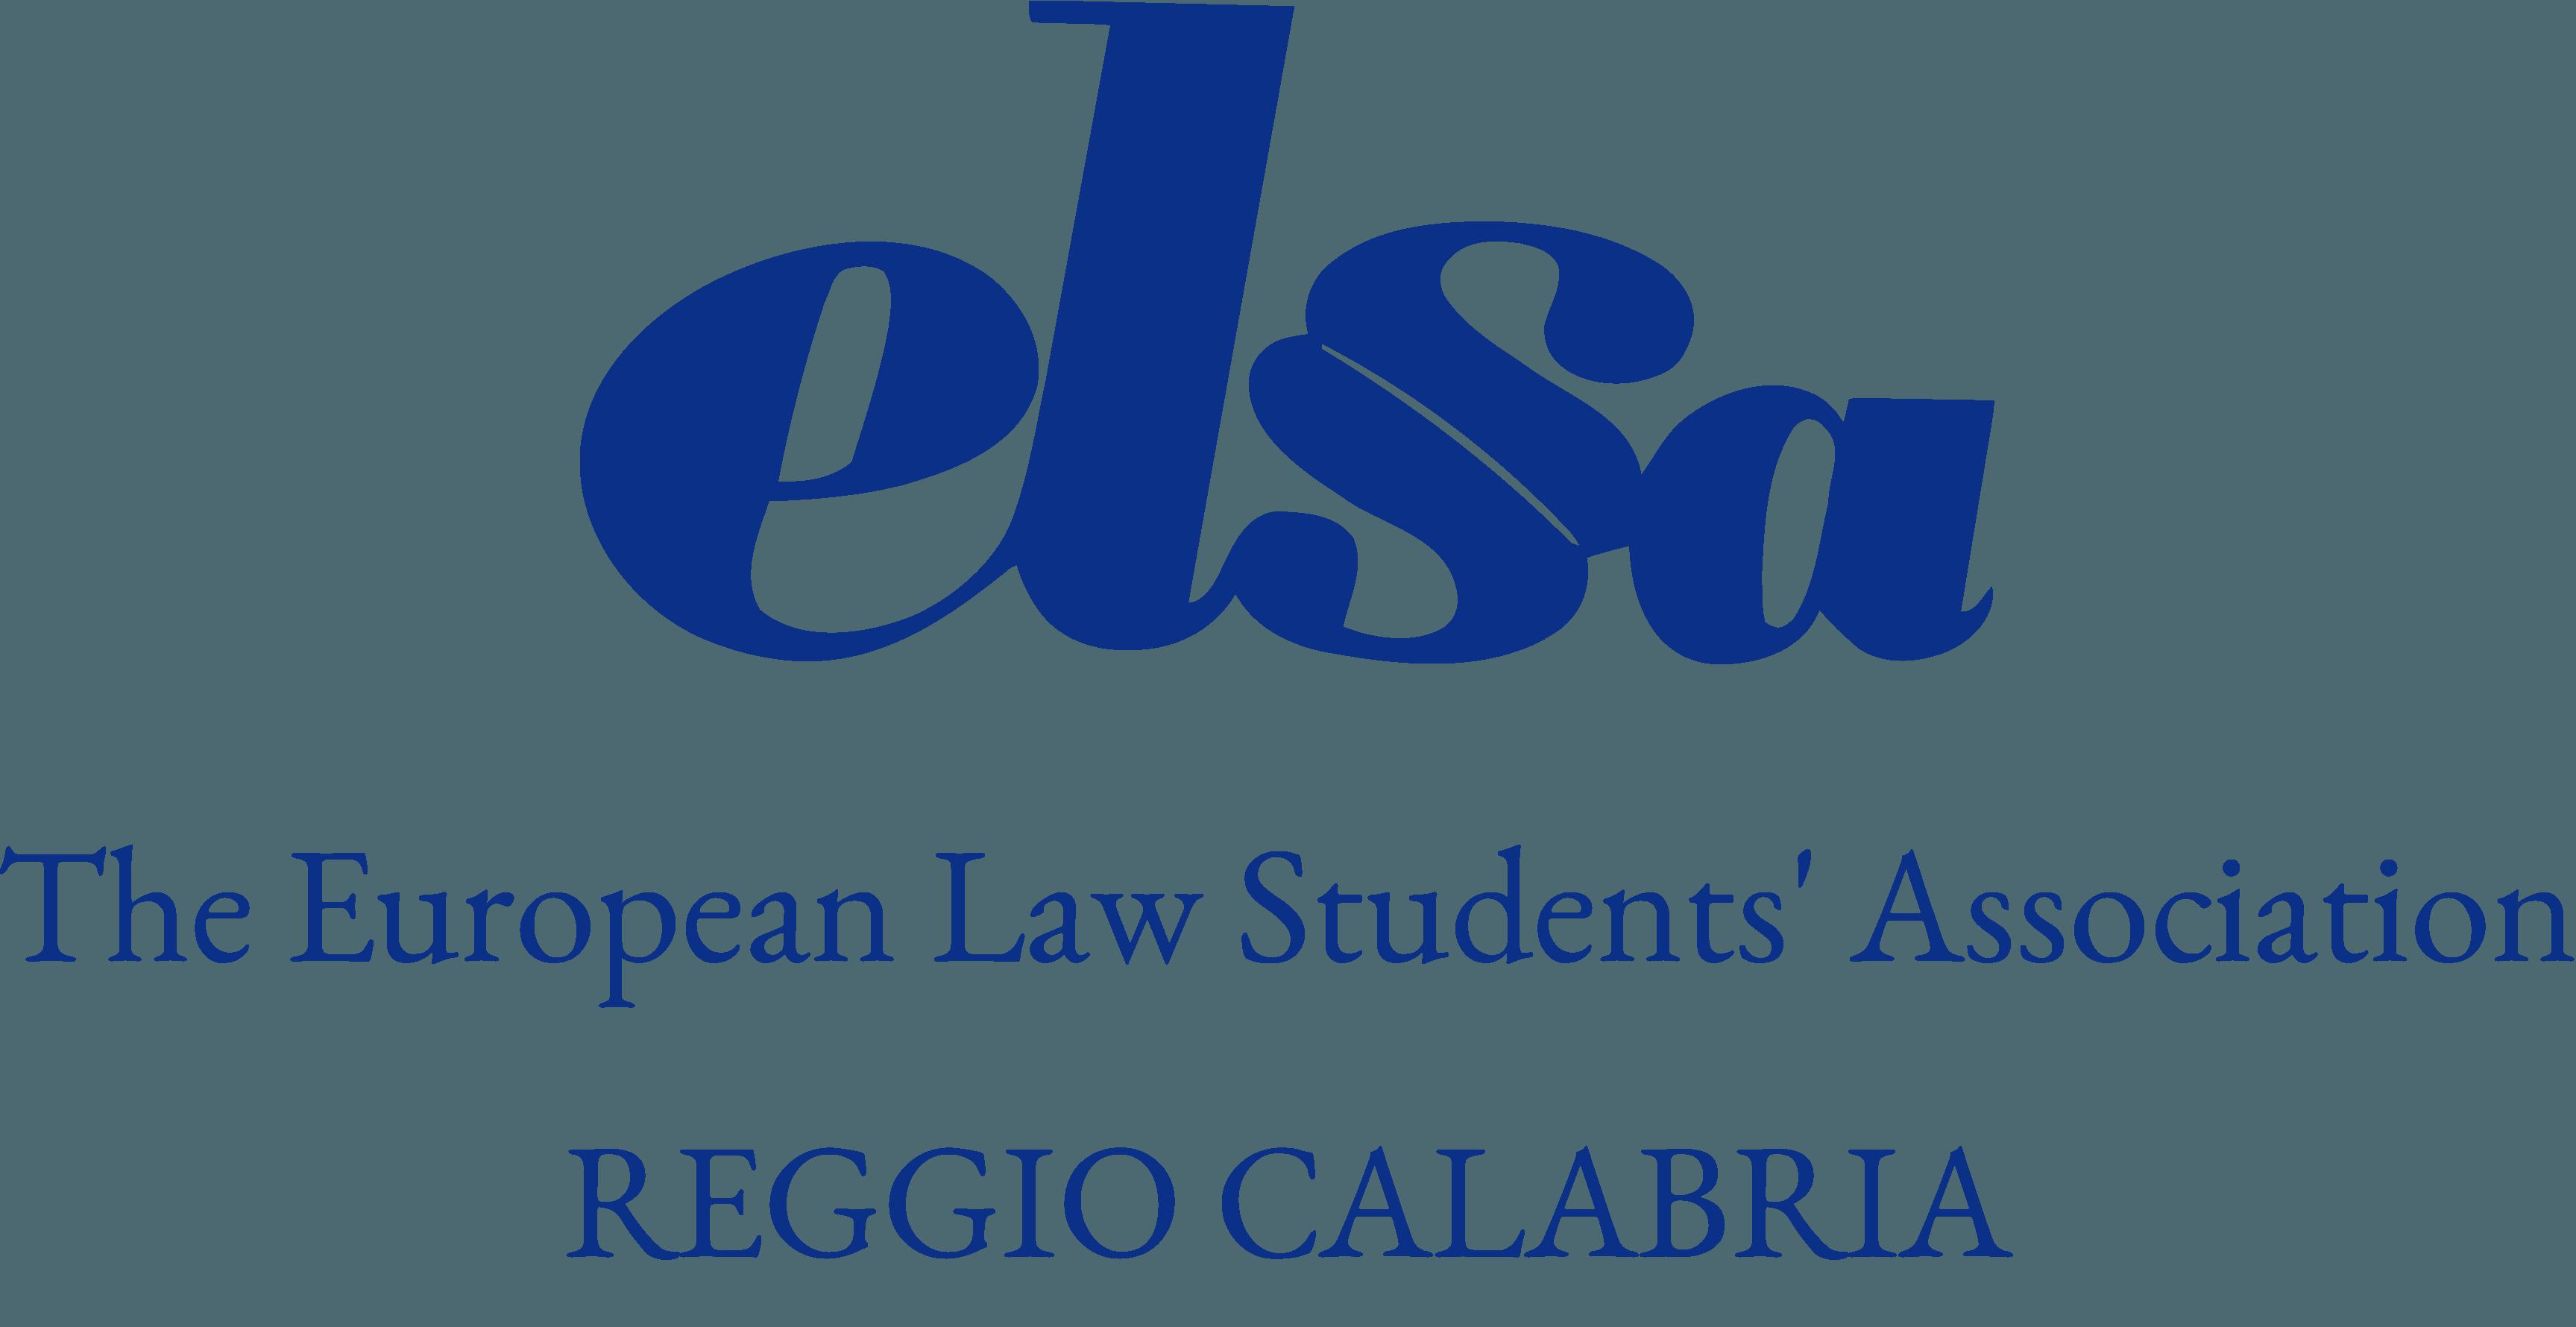 ELSA Reggio Calabria